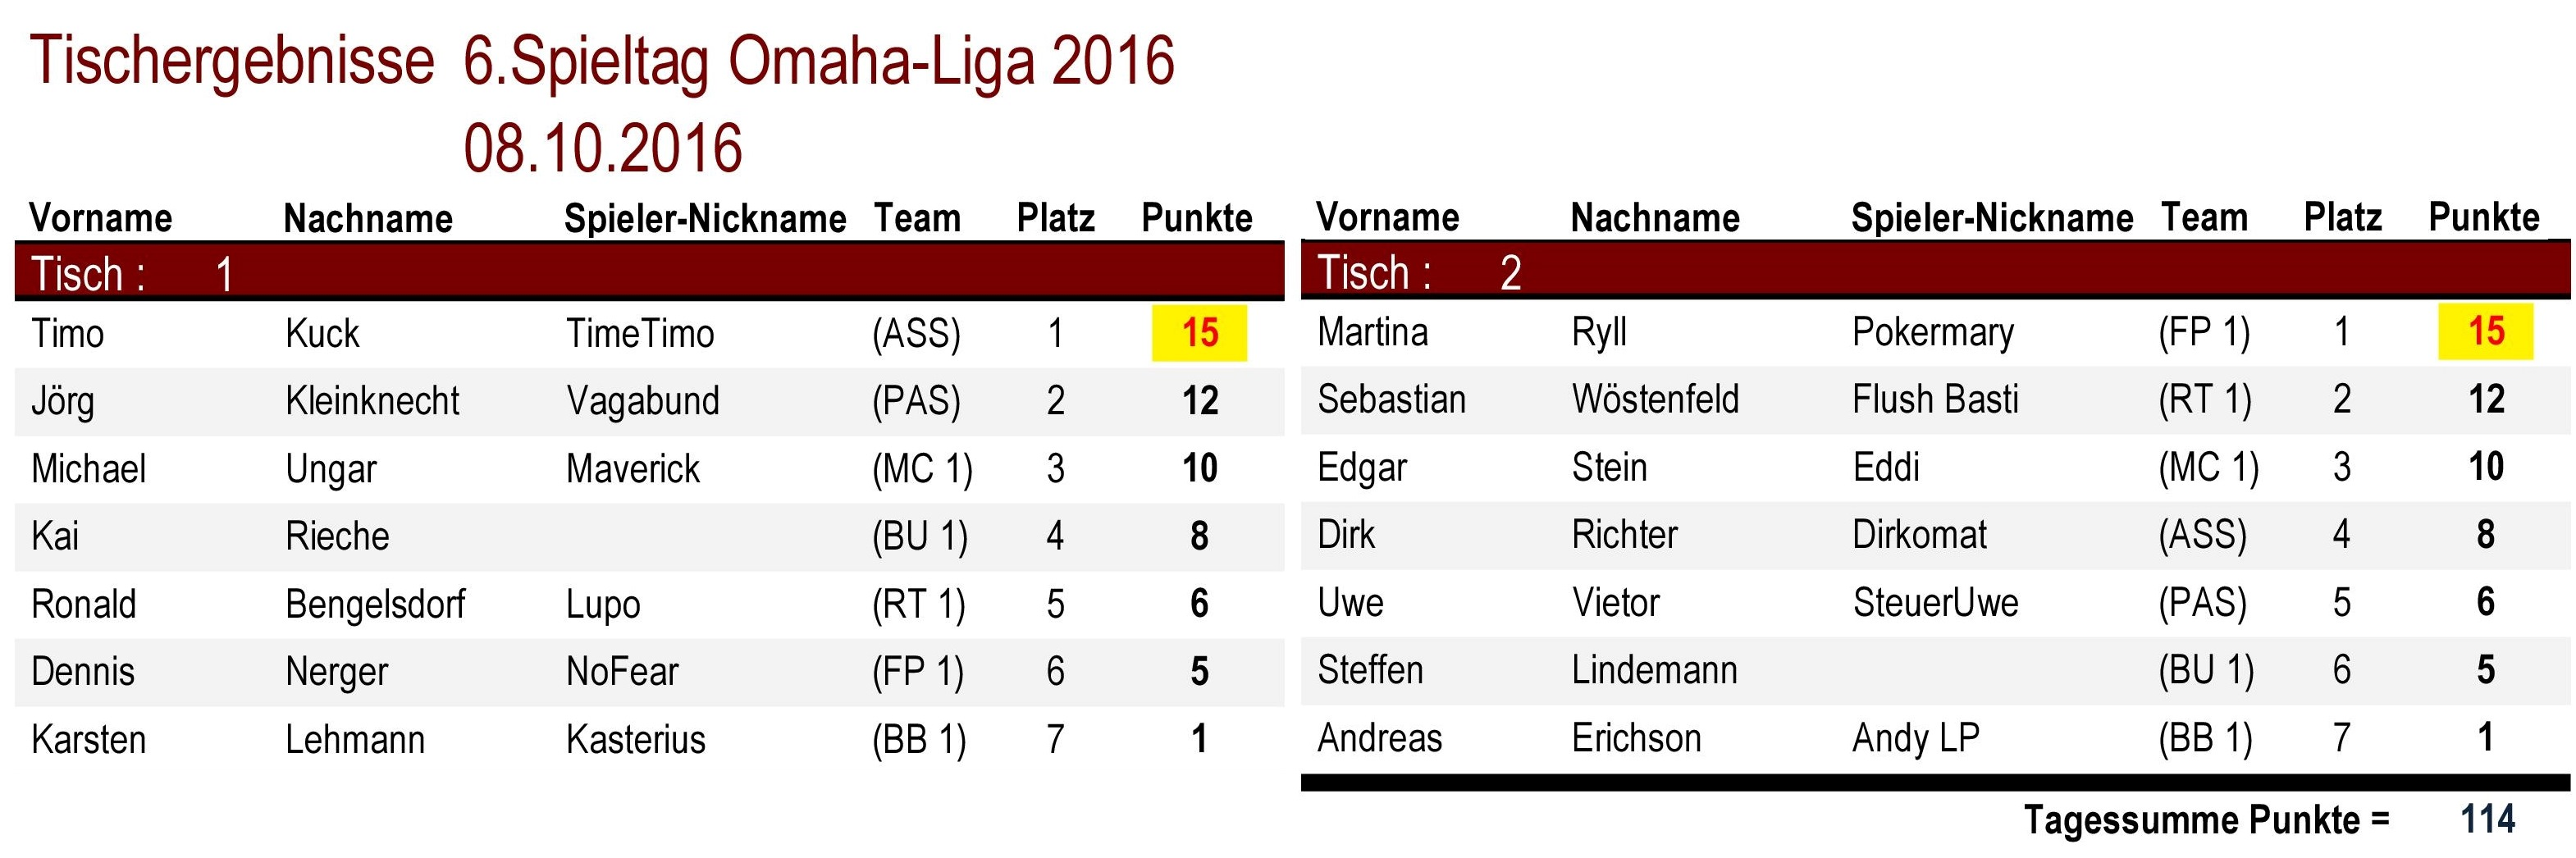 Tischergebnisse Omaha-Liga 6.Spieltag